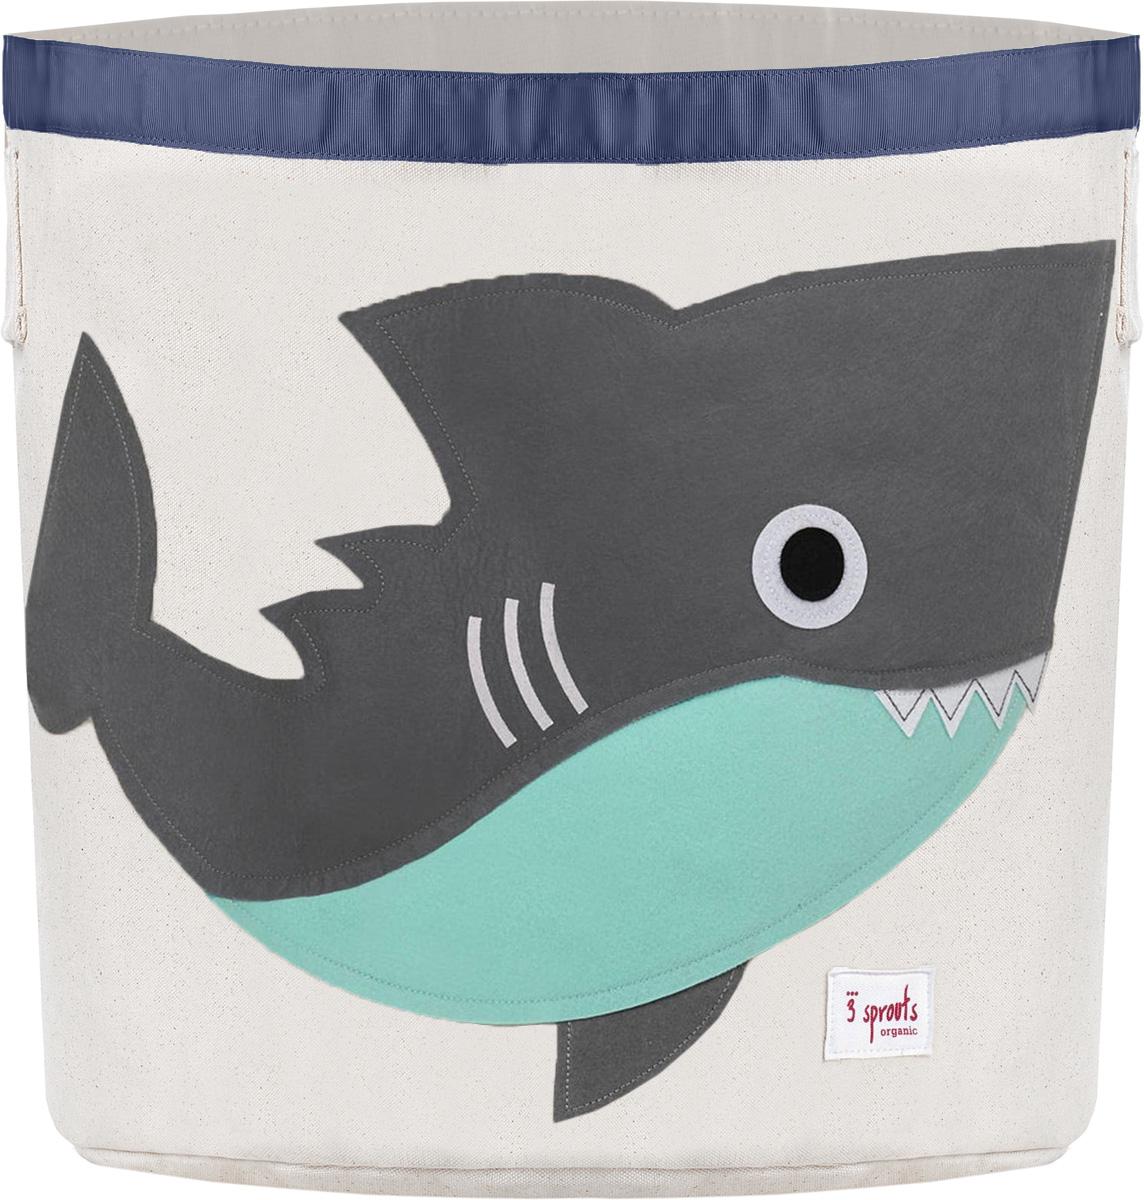 3 Sprouts Корзина для хранения Серая акула00022Универсальная корзина для хранения 3 Sprouts Серая акула поможет вам навести порядок в детской. Размер корзины позволяет хранить в ней игрушки, книжки или белье. Корзина легко складывается, когда в ее использовании нет необходимости, тем самым сохраняя простор вашего дома. Корзина для хранения вещей - идеальный подарок для новорожденных, младенцев и детей.